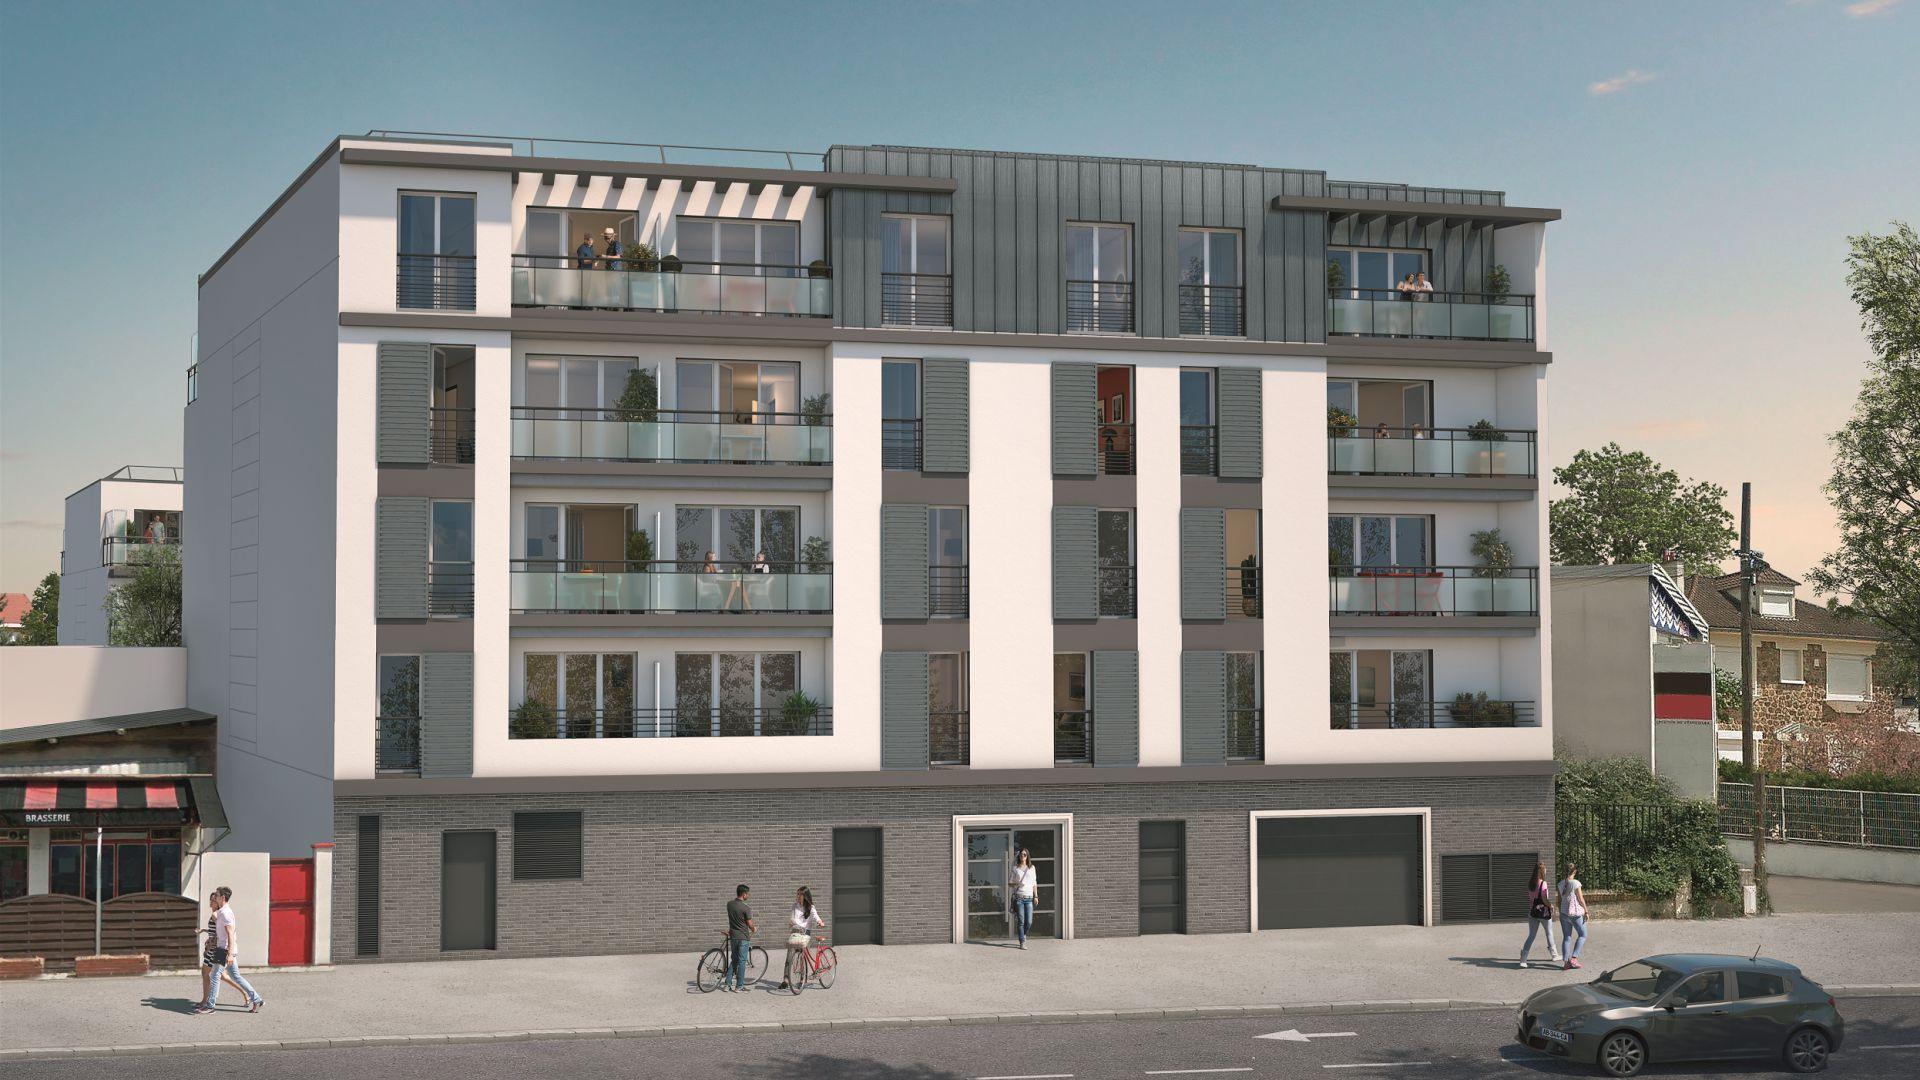 GreenCity immobilier - Résidence Cours Libération - Chennevières-sur-Marne -94430 - appartements neufs du T1Bis au T3